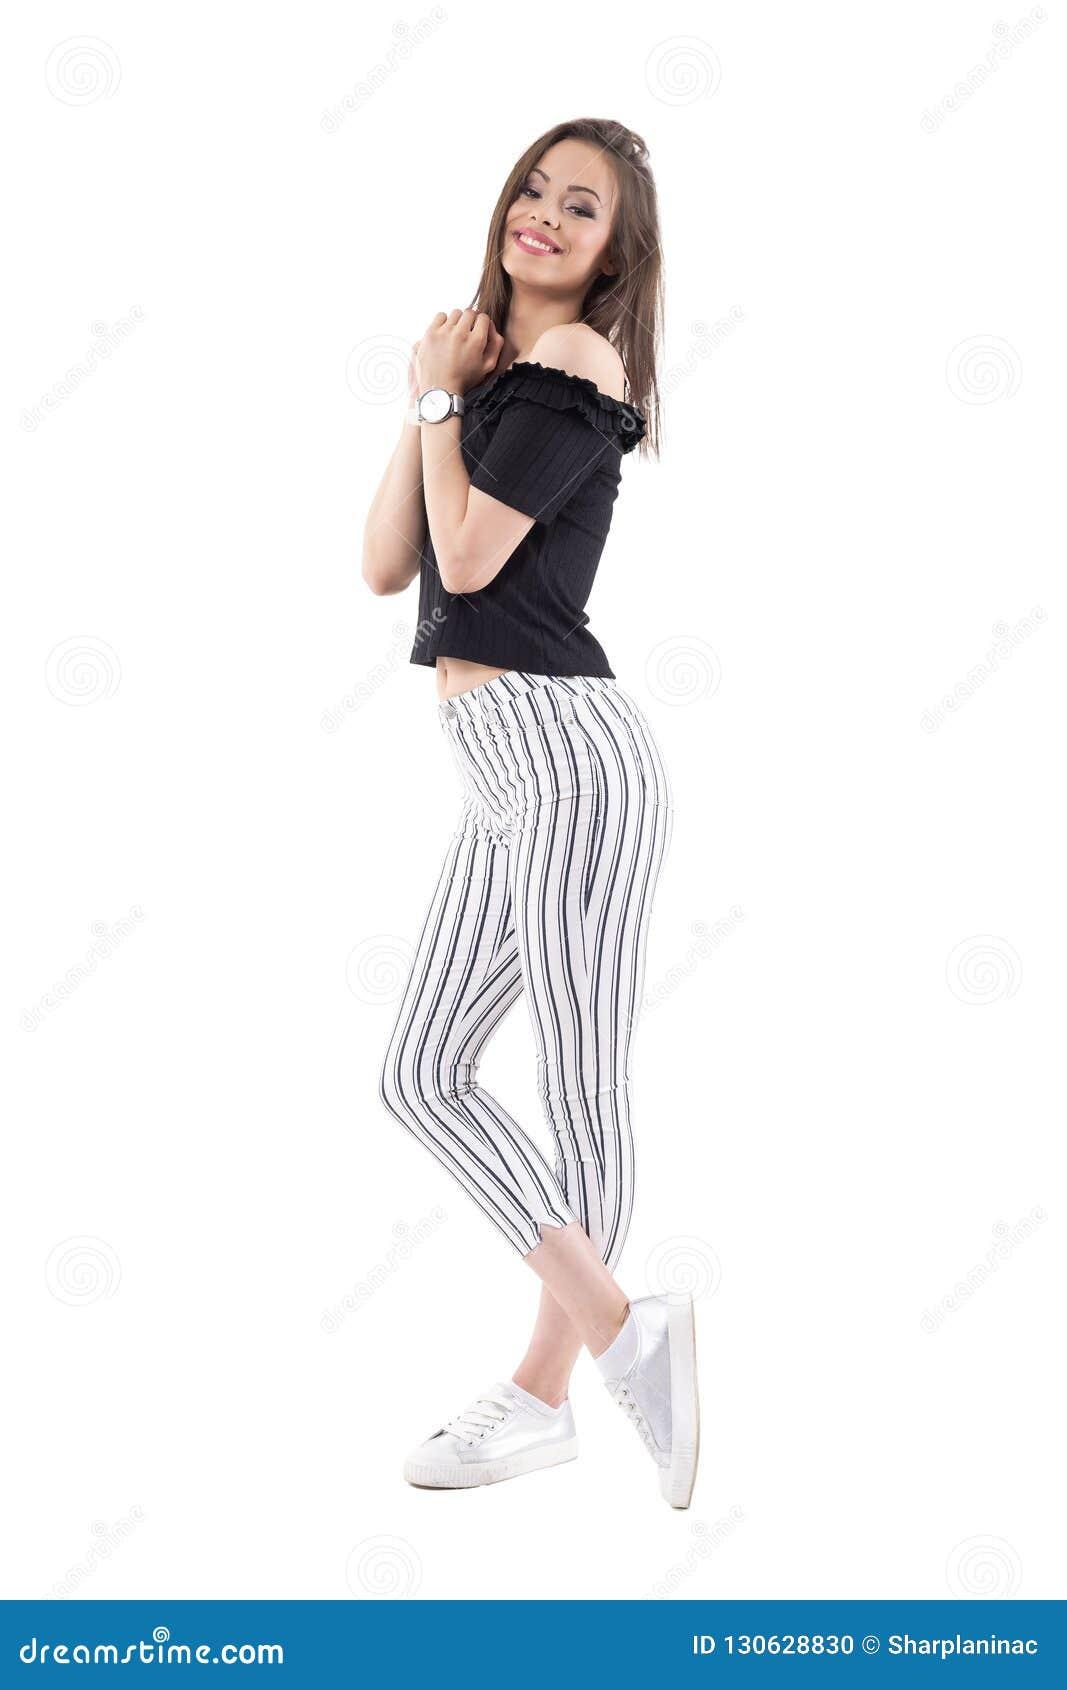 gran descuento ee7a0 f6201 Mujer Elegante Femenina Cariñosa En Pantalones Rayados Y El ...